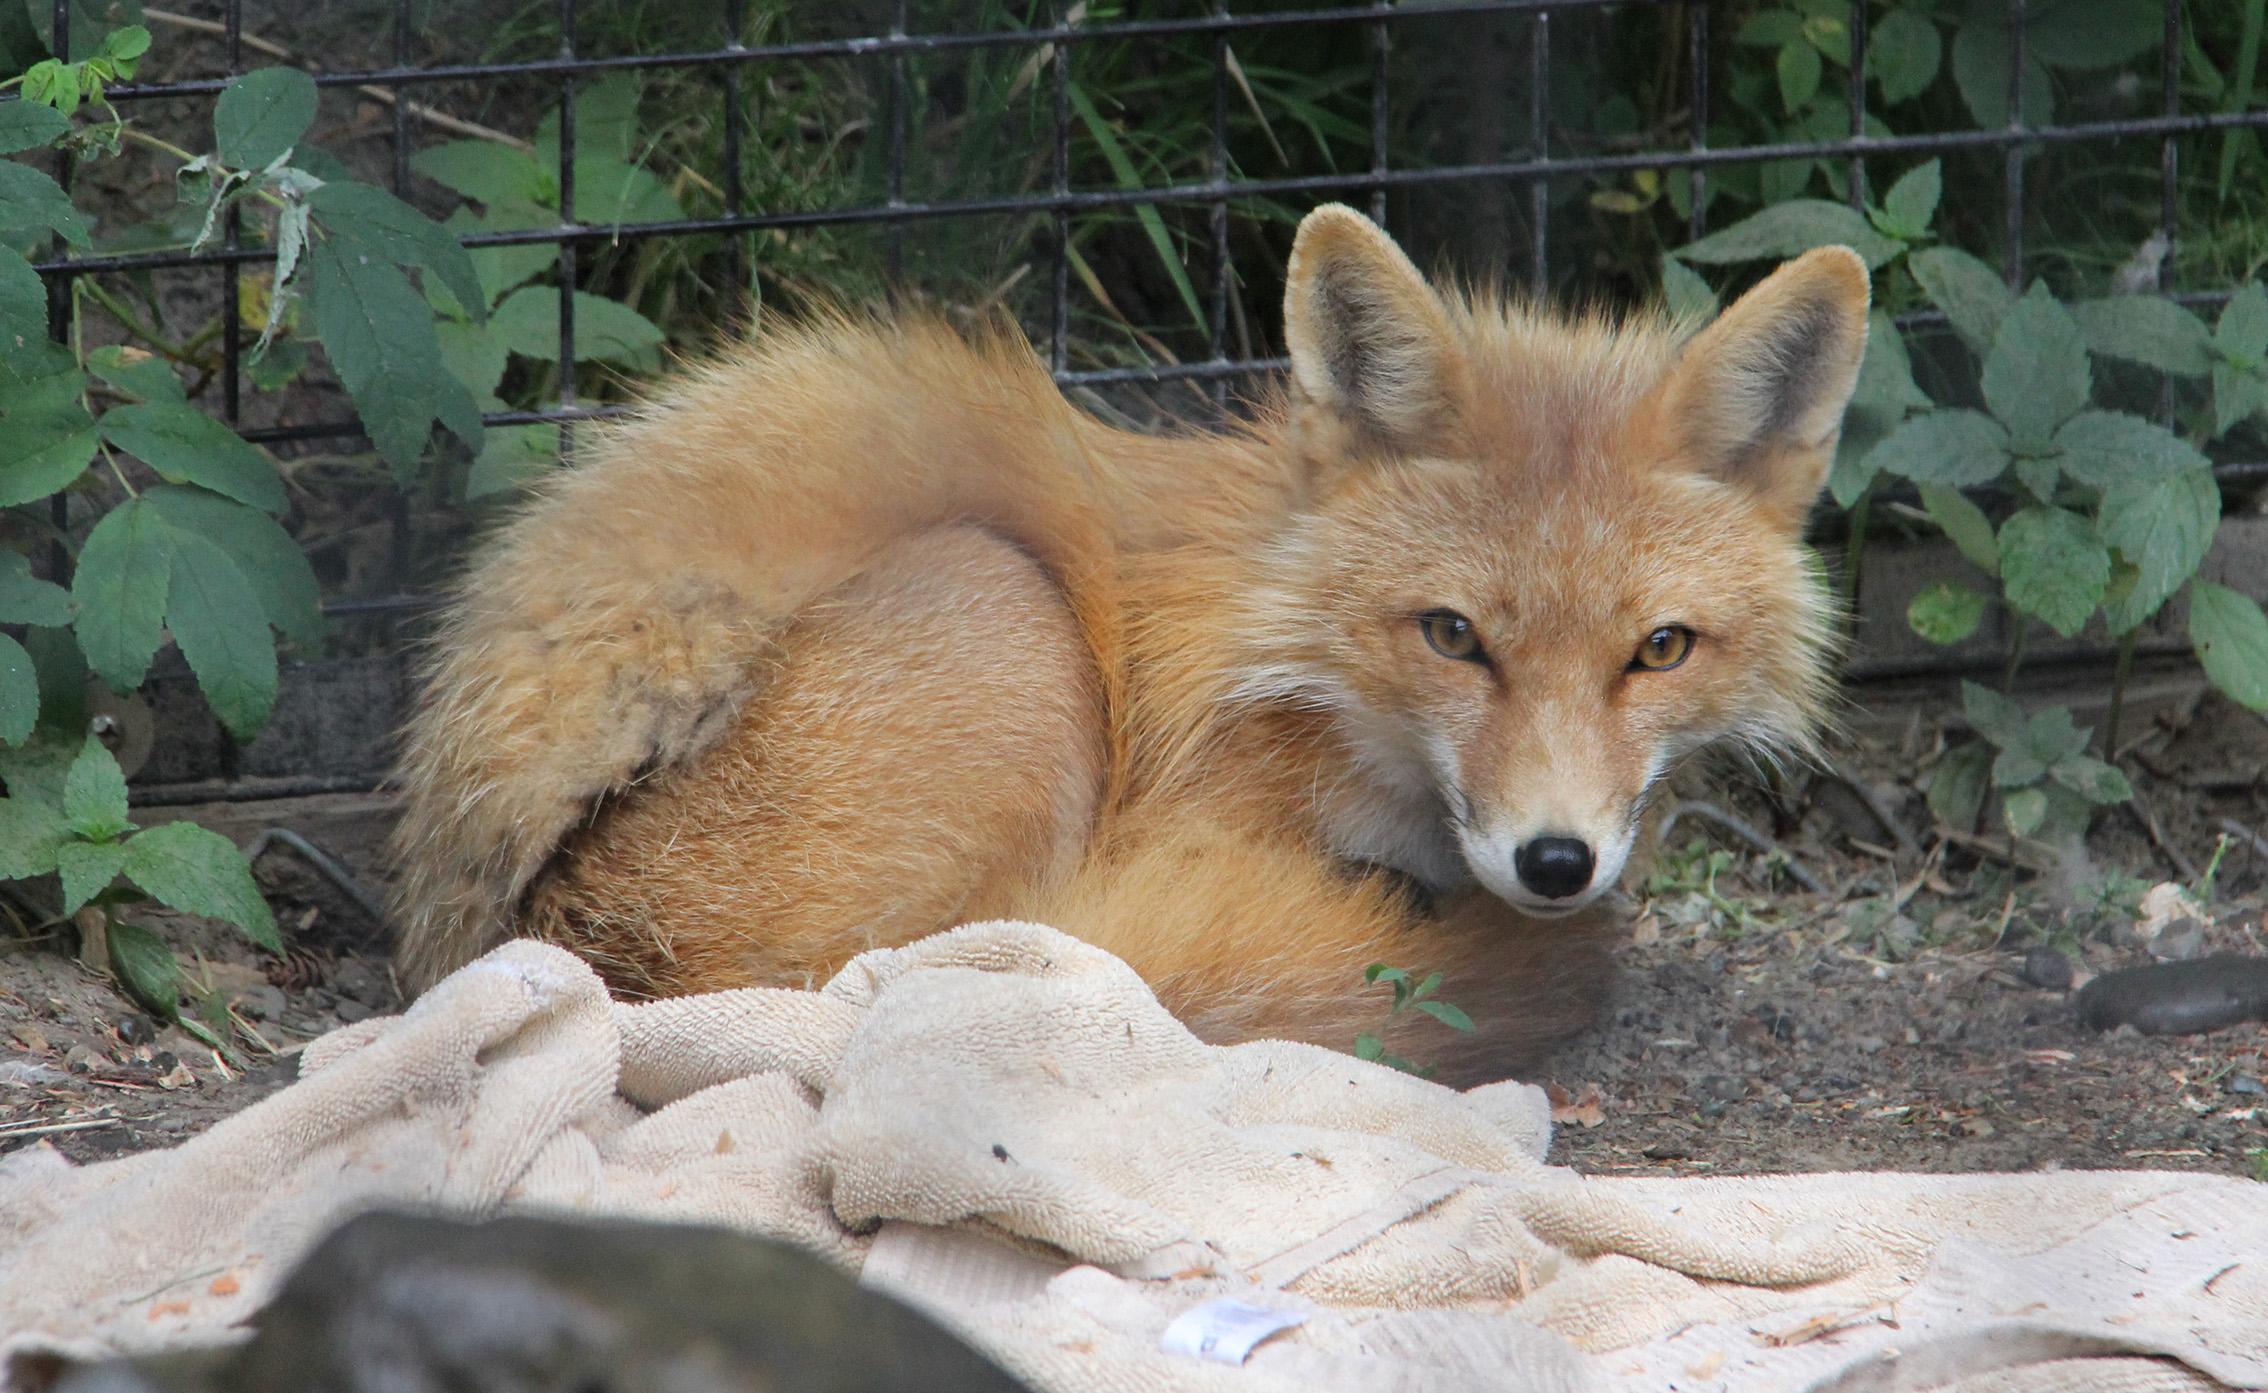 A Red Fox. So cute.